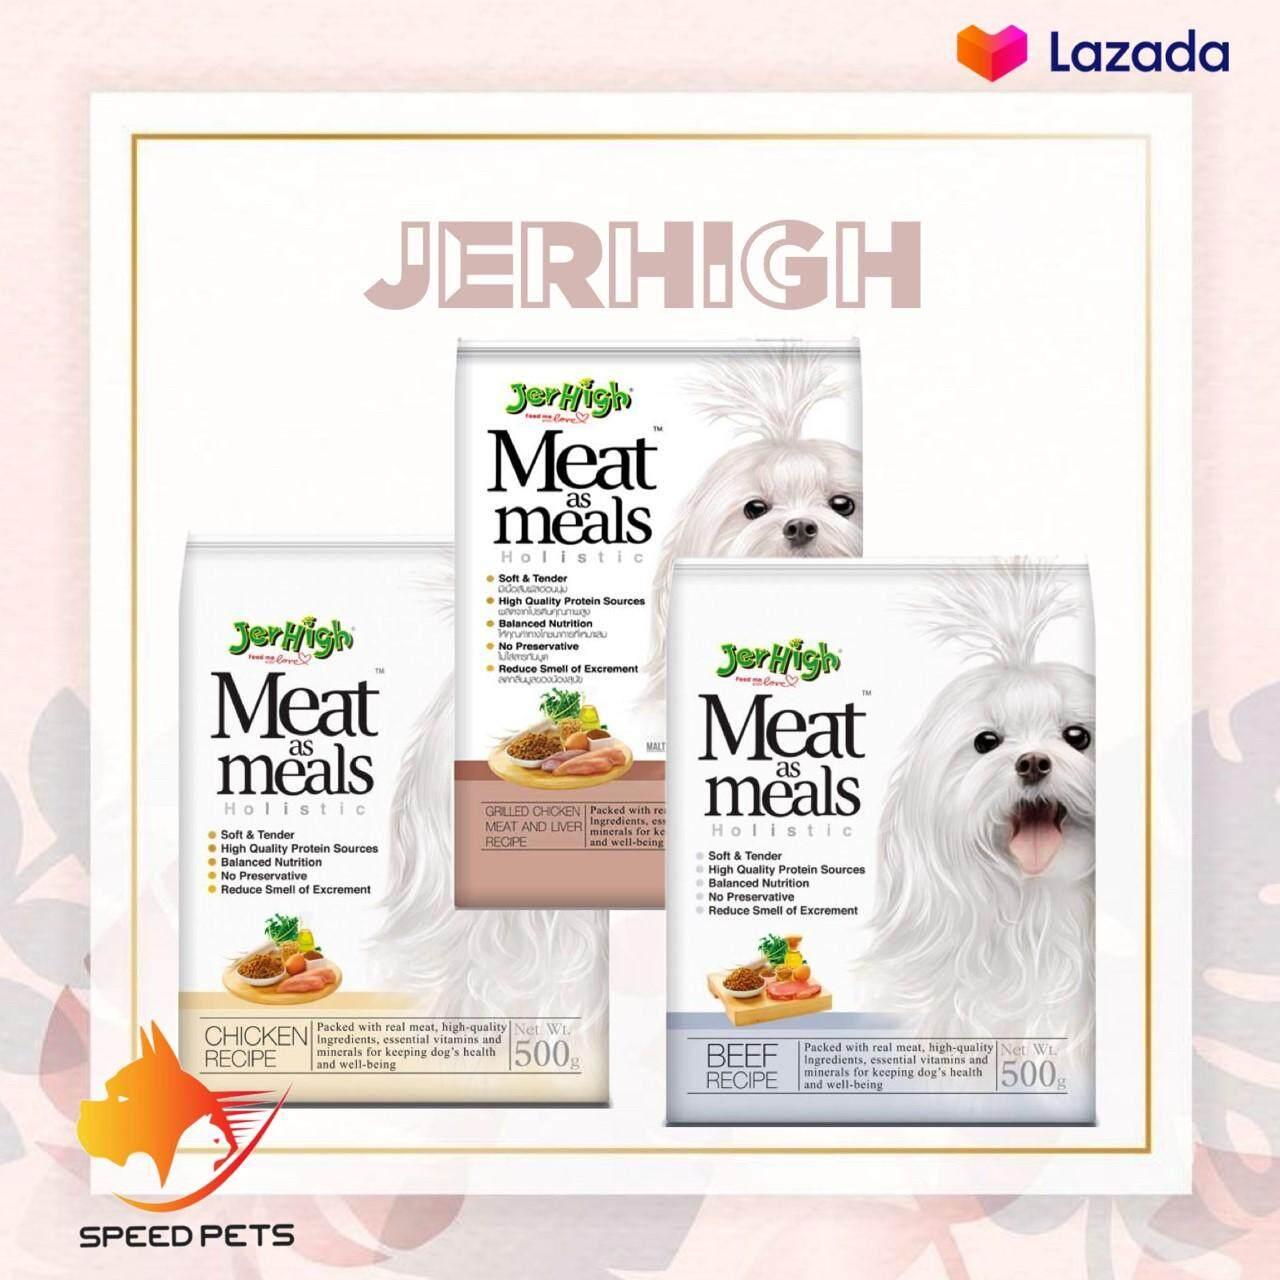 Jerhigh Meat As Meal 500g เจอร์ไฮ อาหารสุนัข เม็ดนิ่ม ทำจากเนื้อสัตว์ ขนาด 500 กรัม.